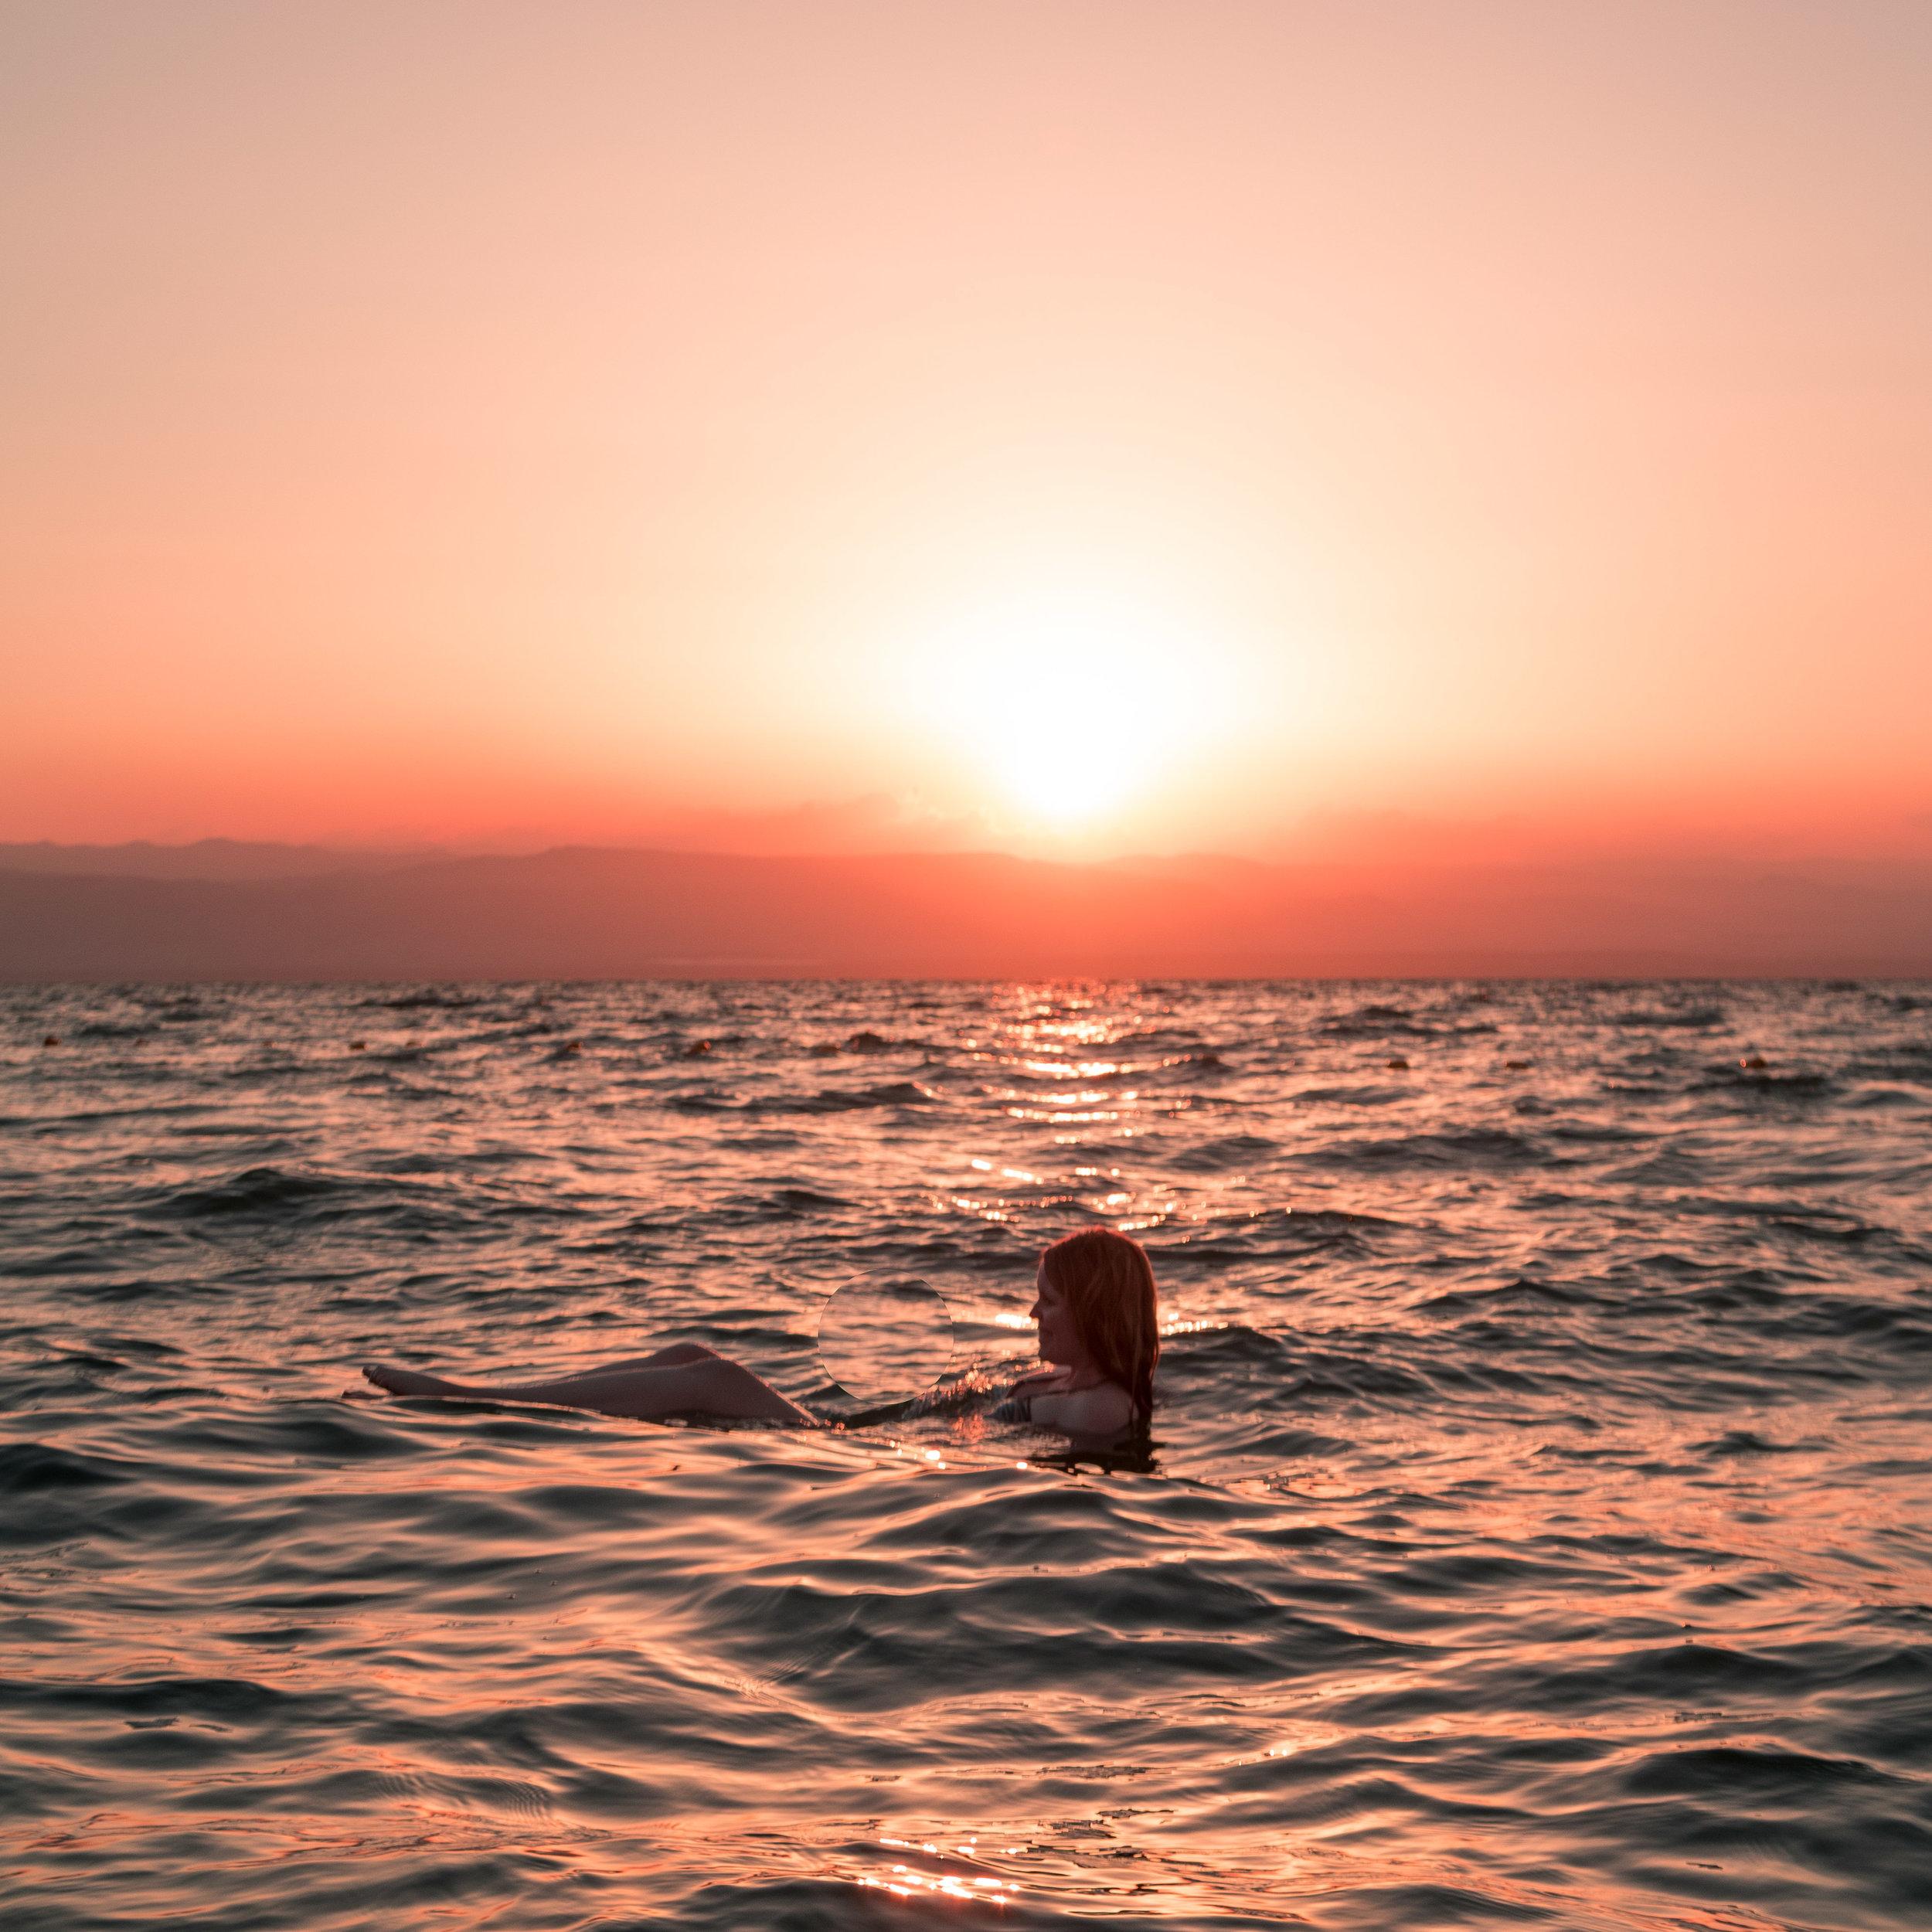 Best things to do in Jordan - Dead sea